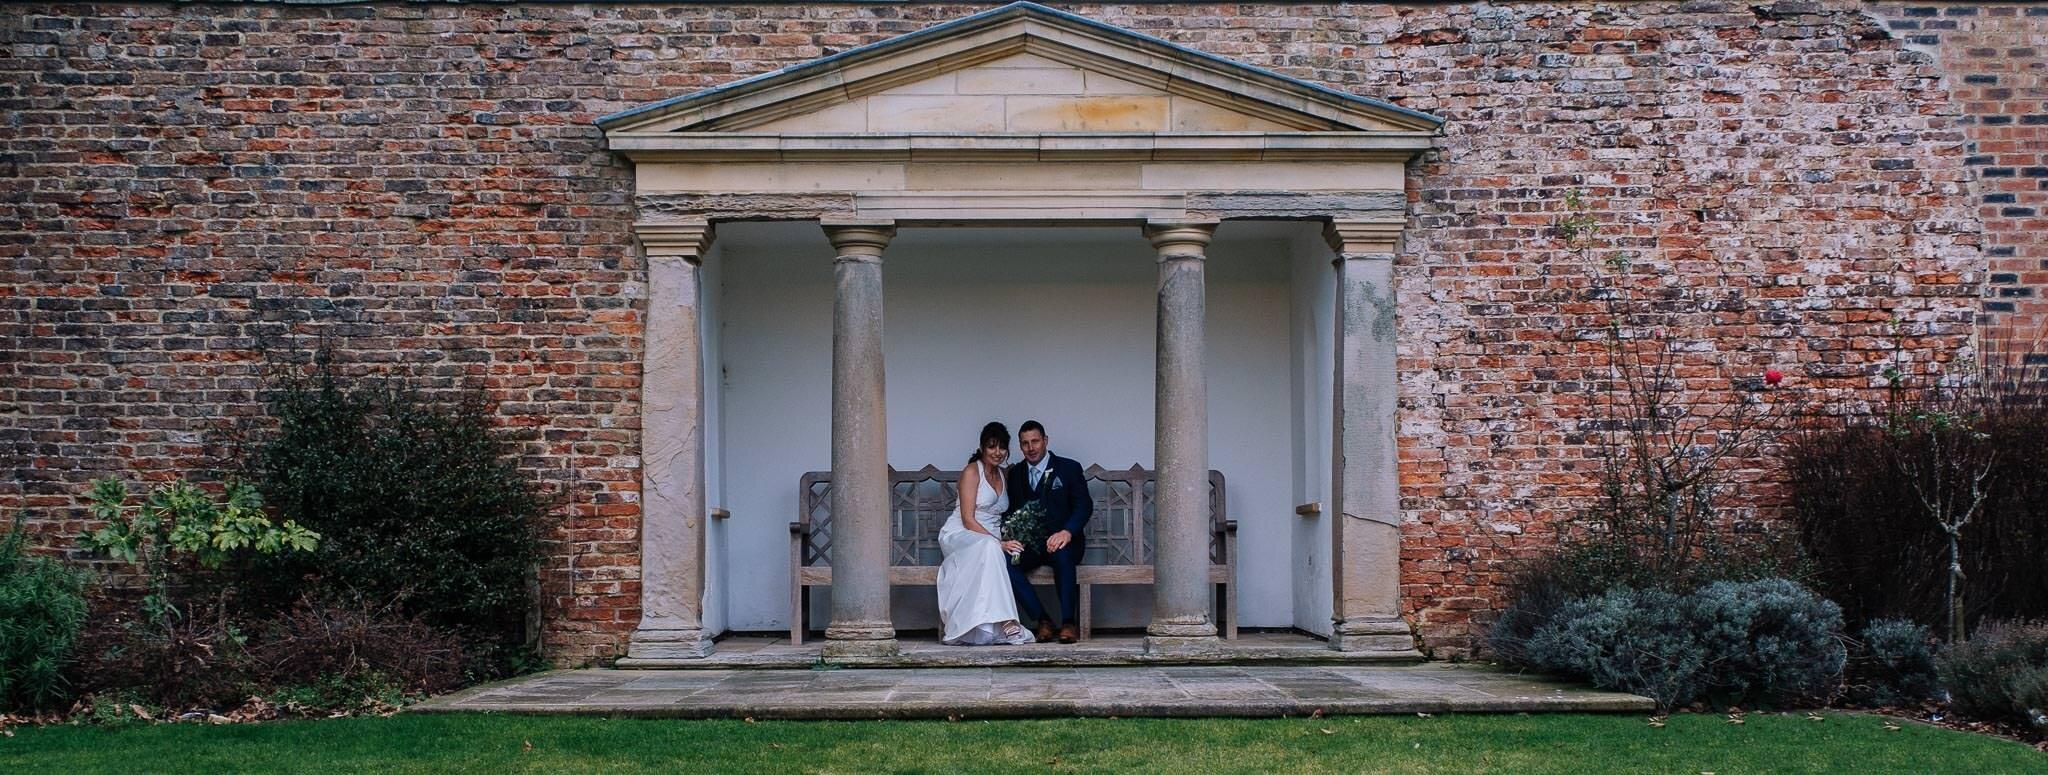 Hardwick Hall Wedding Photography | Durham Wedding Photographer